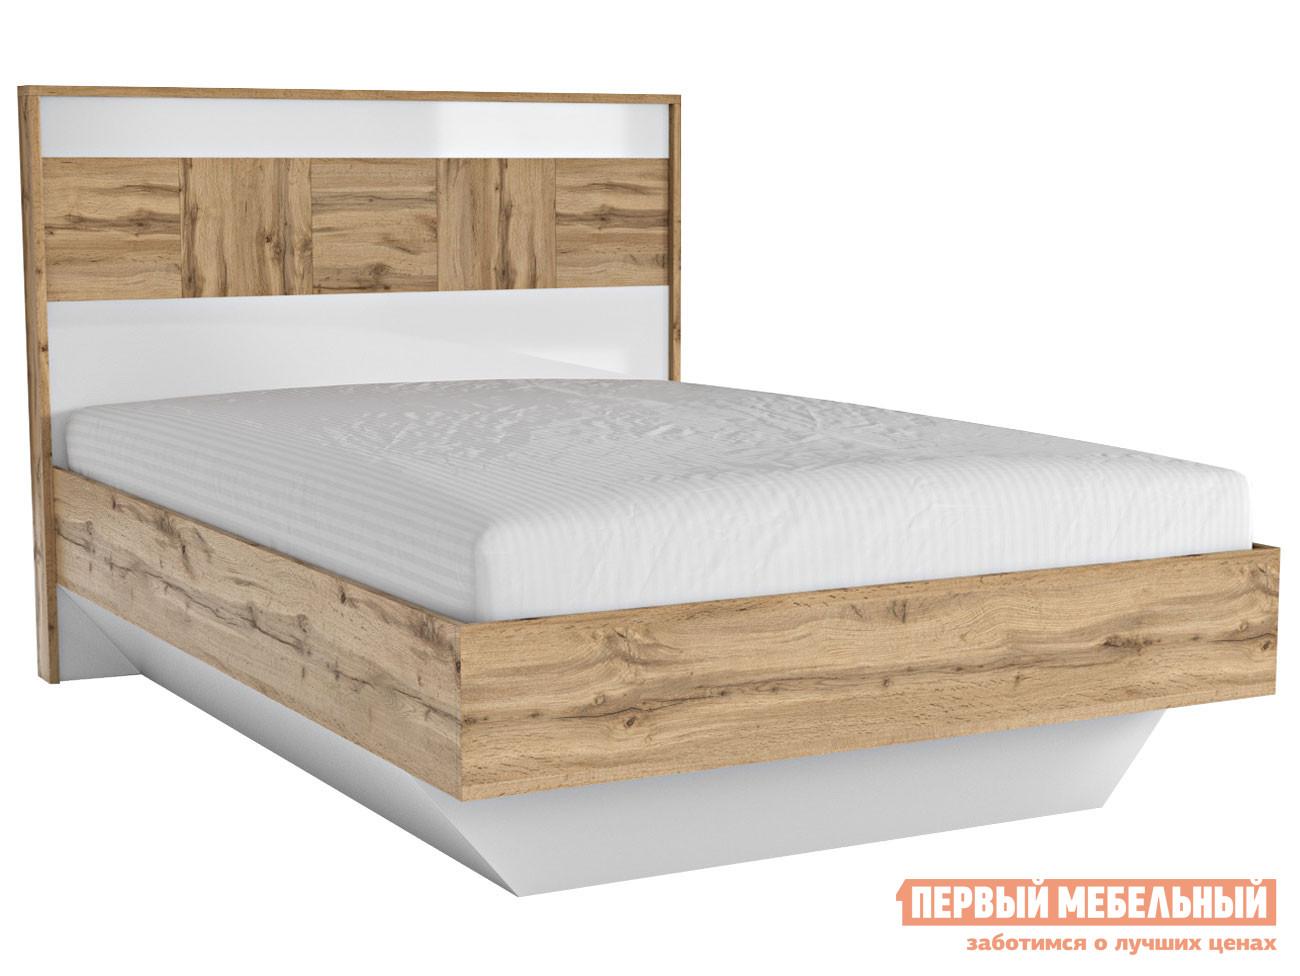 Кровать с подъемным механизмом Мелания Двуспальная кровать с подъемным механизмом Аризона